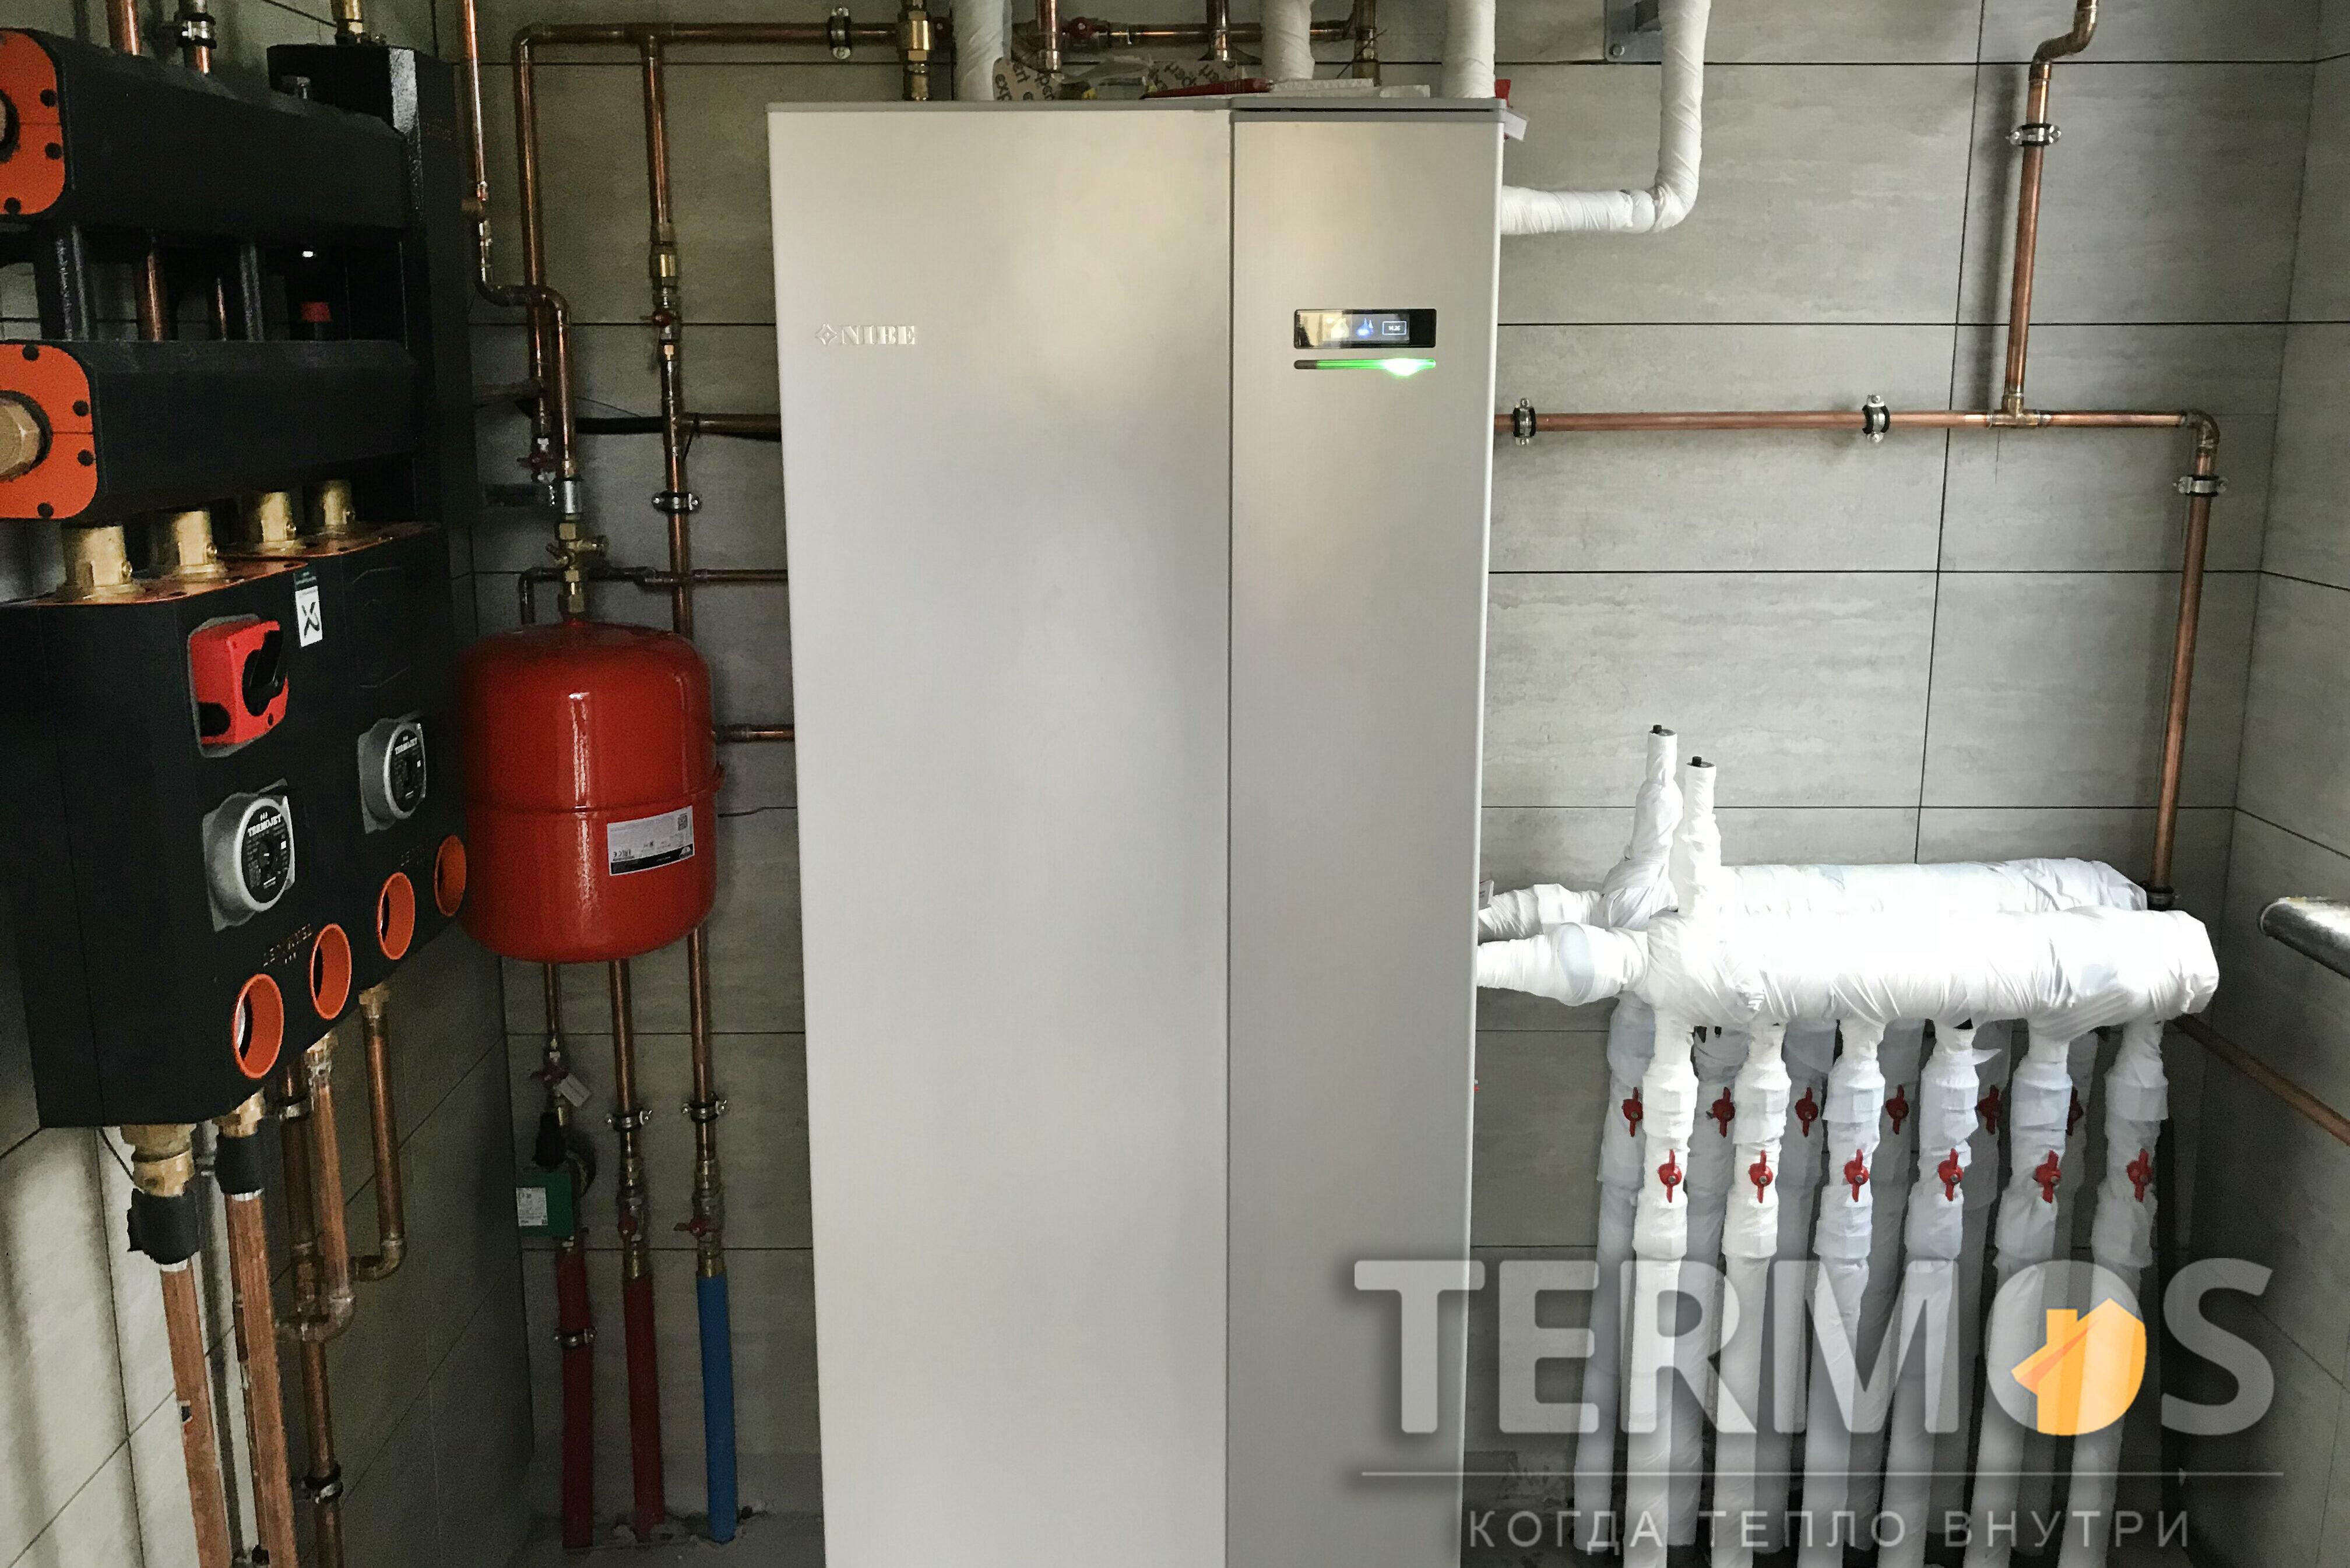 Дом 140 кв м. Тепловой насос NIBE (Швеция) 8 кВт, с встроенным бойлером 180 л. 3 Геотермальные скважины по 90 м